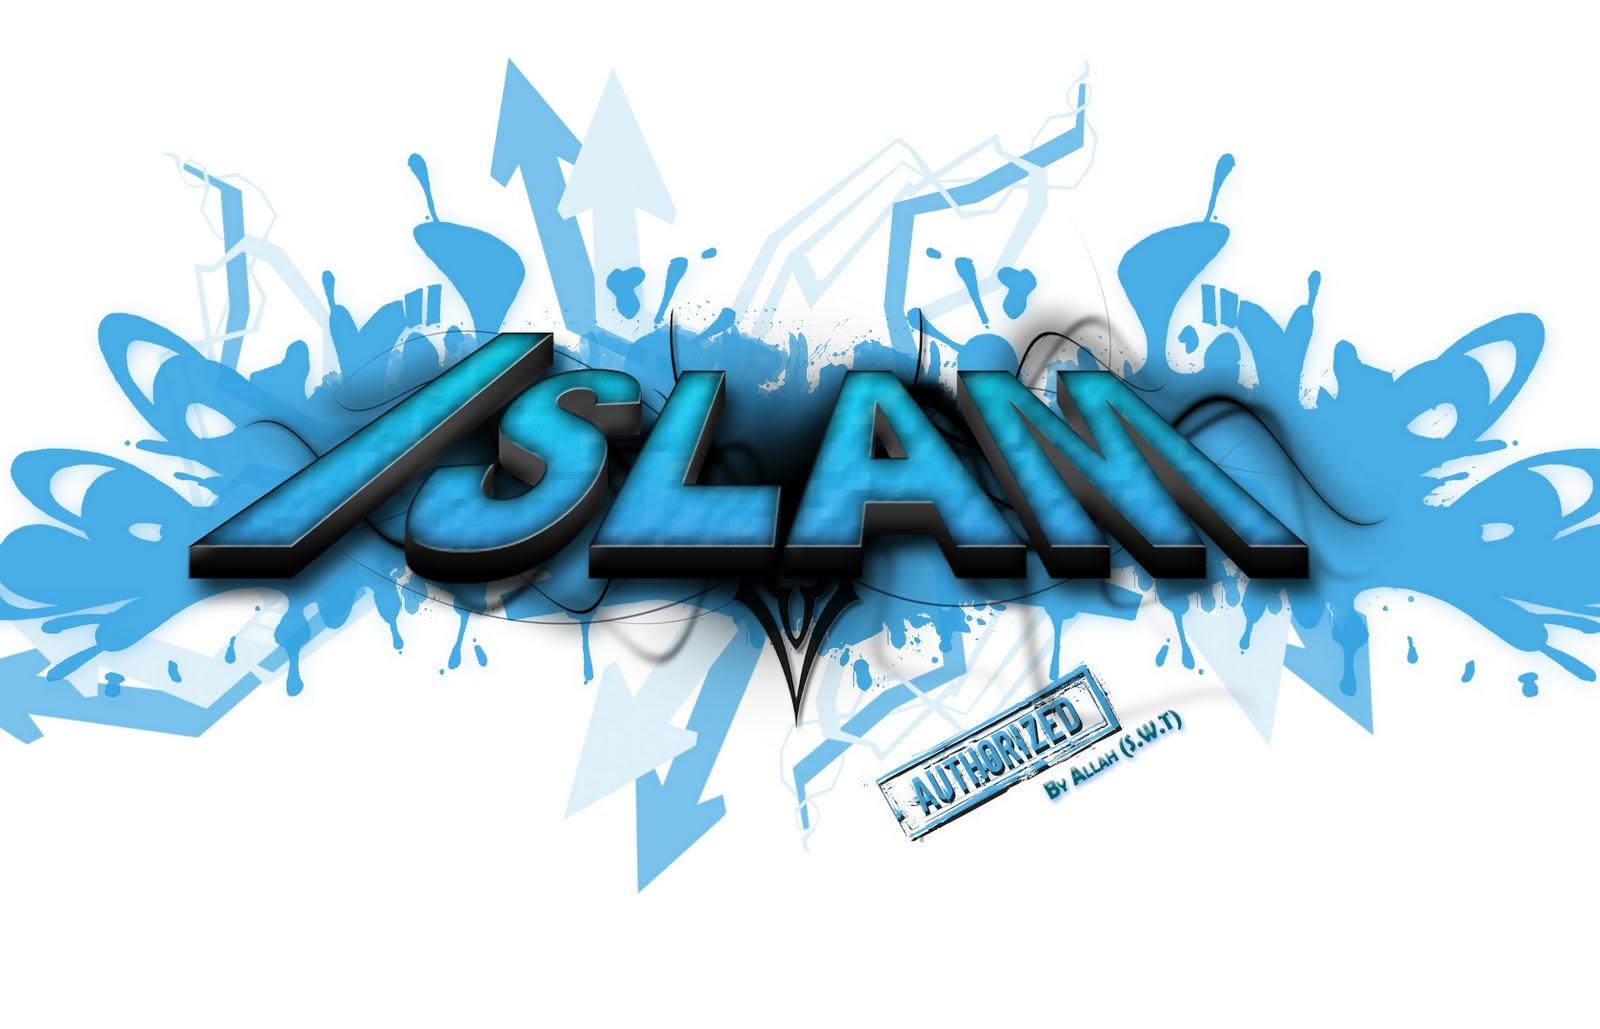 http://4.bp.blogspot.com/_Lkj3VhjFQXQ/TRCYvyVvJUI/AAAAAAAAAQw/NTkBdM9eF9I/s1600/islamwallpaper1copy3.jpg